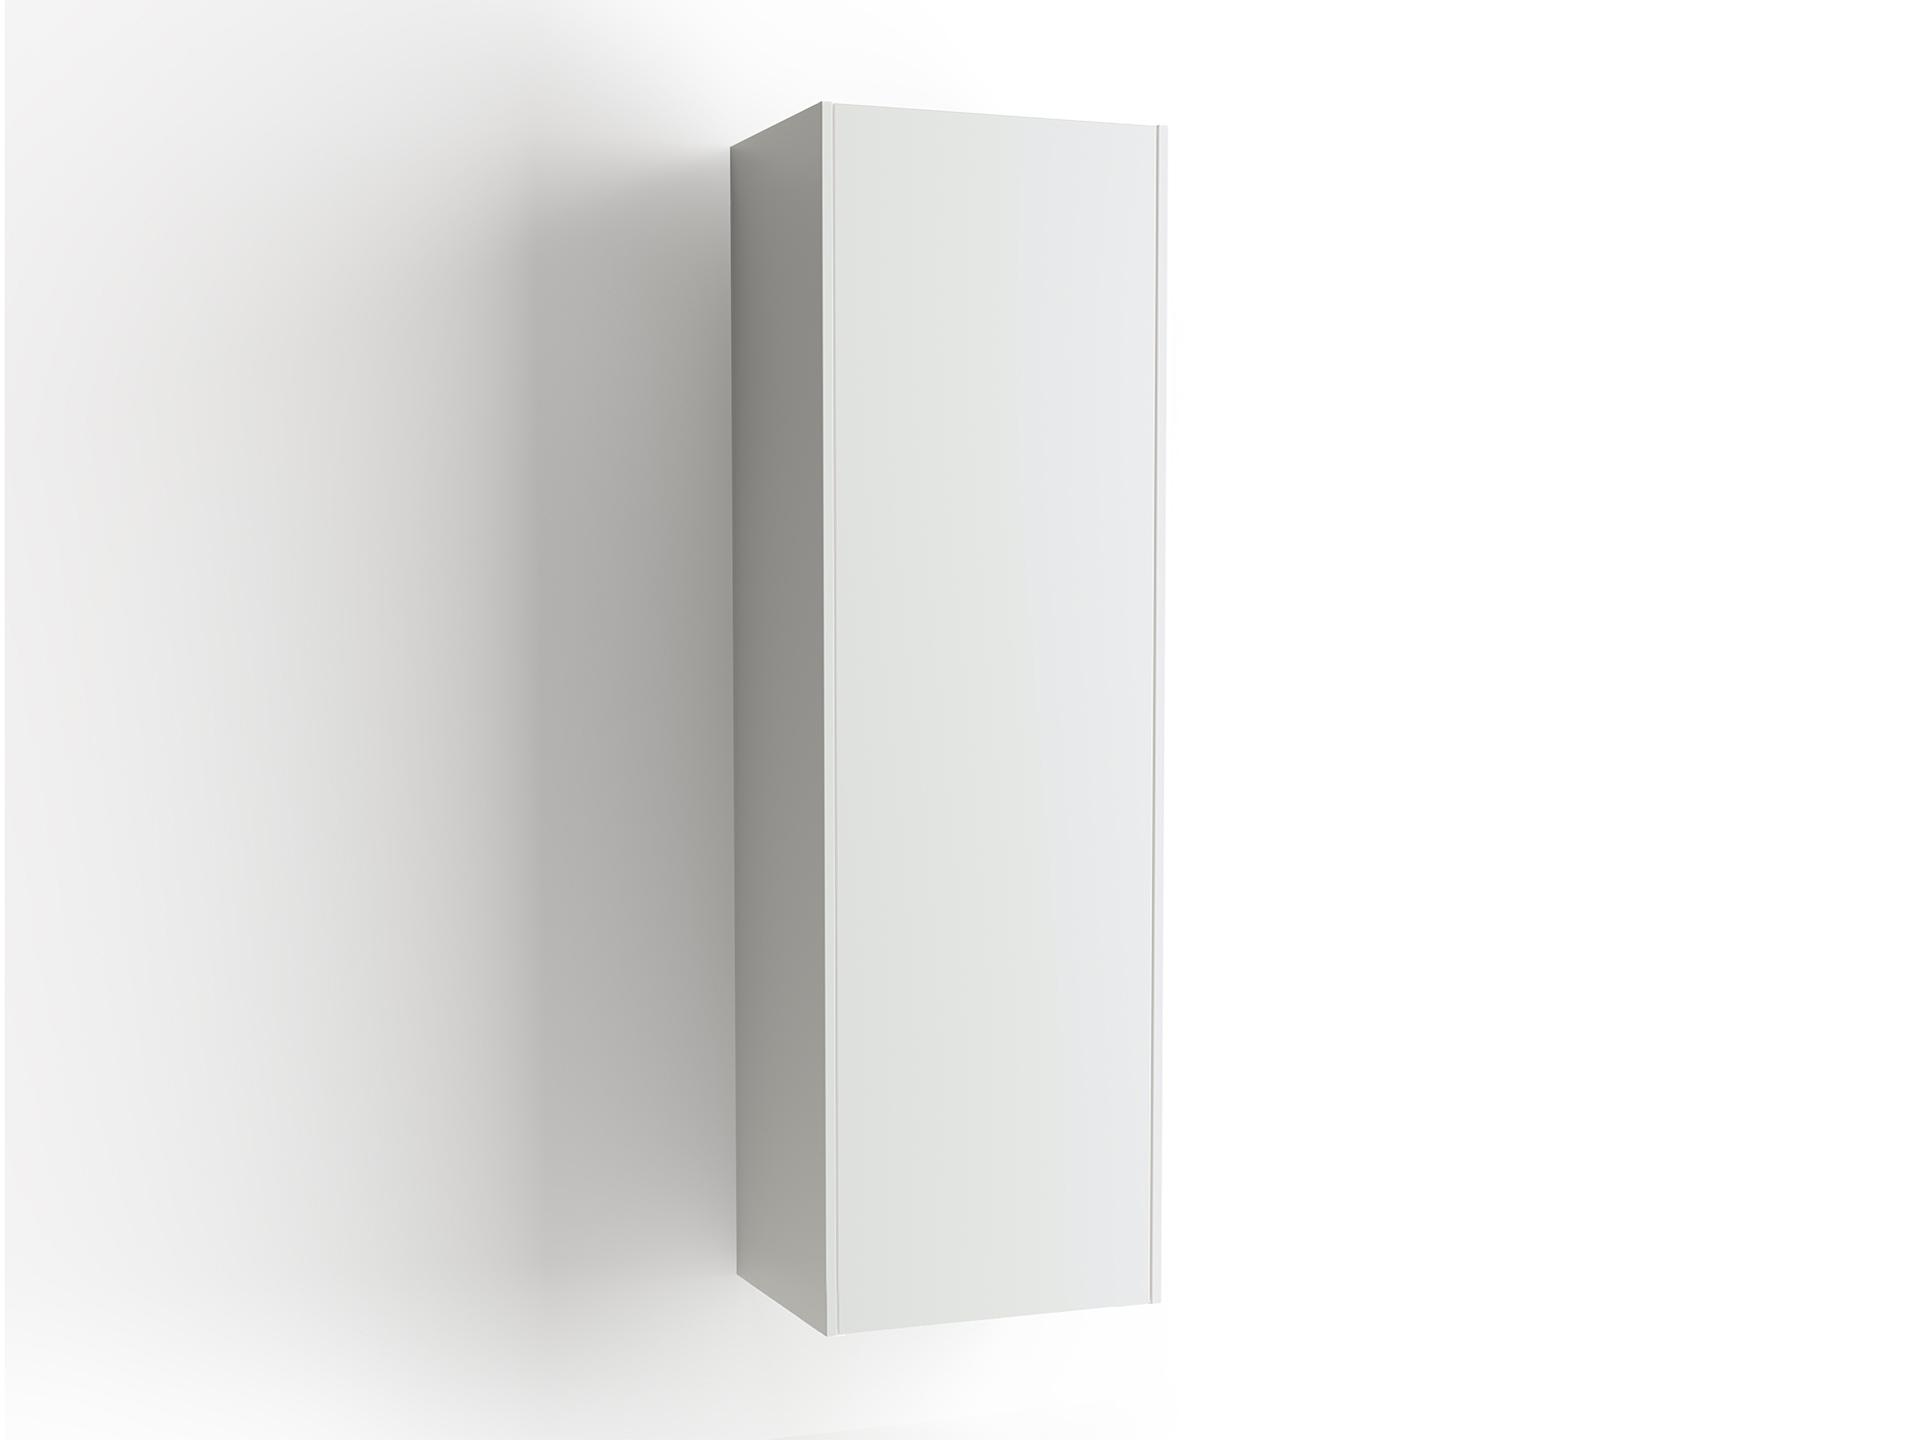 Högskåp Vedum Bas Frame Moa 50 cm Vit Vänsterhängd